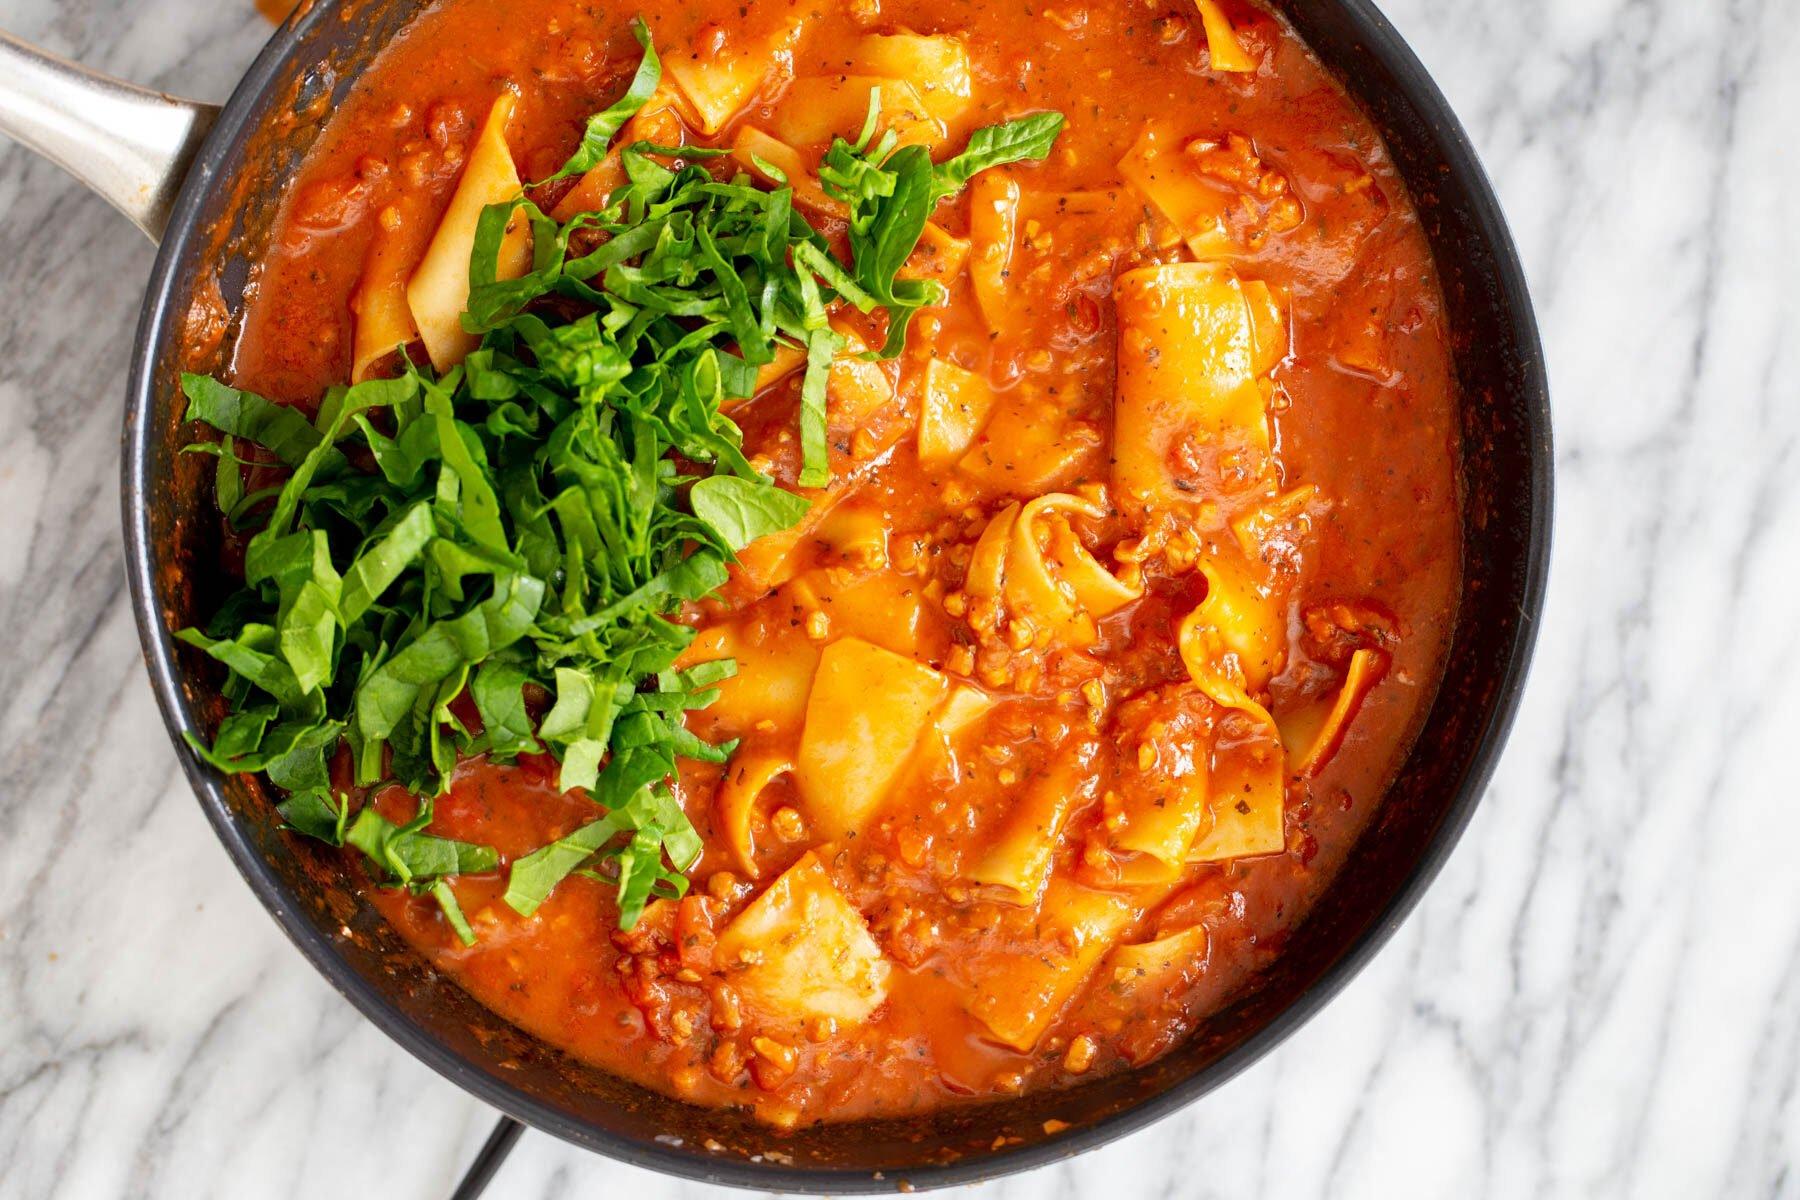 fresh basil being sprinkled over vegan skillet lasagna